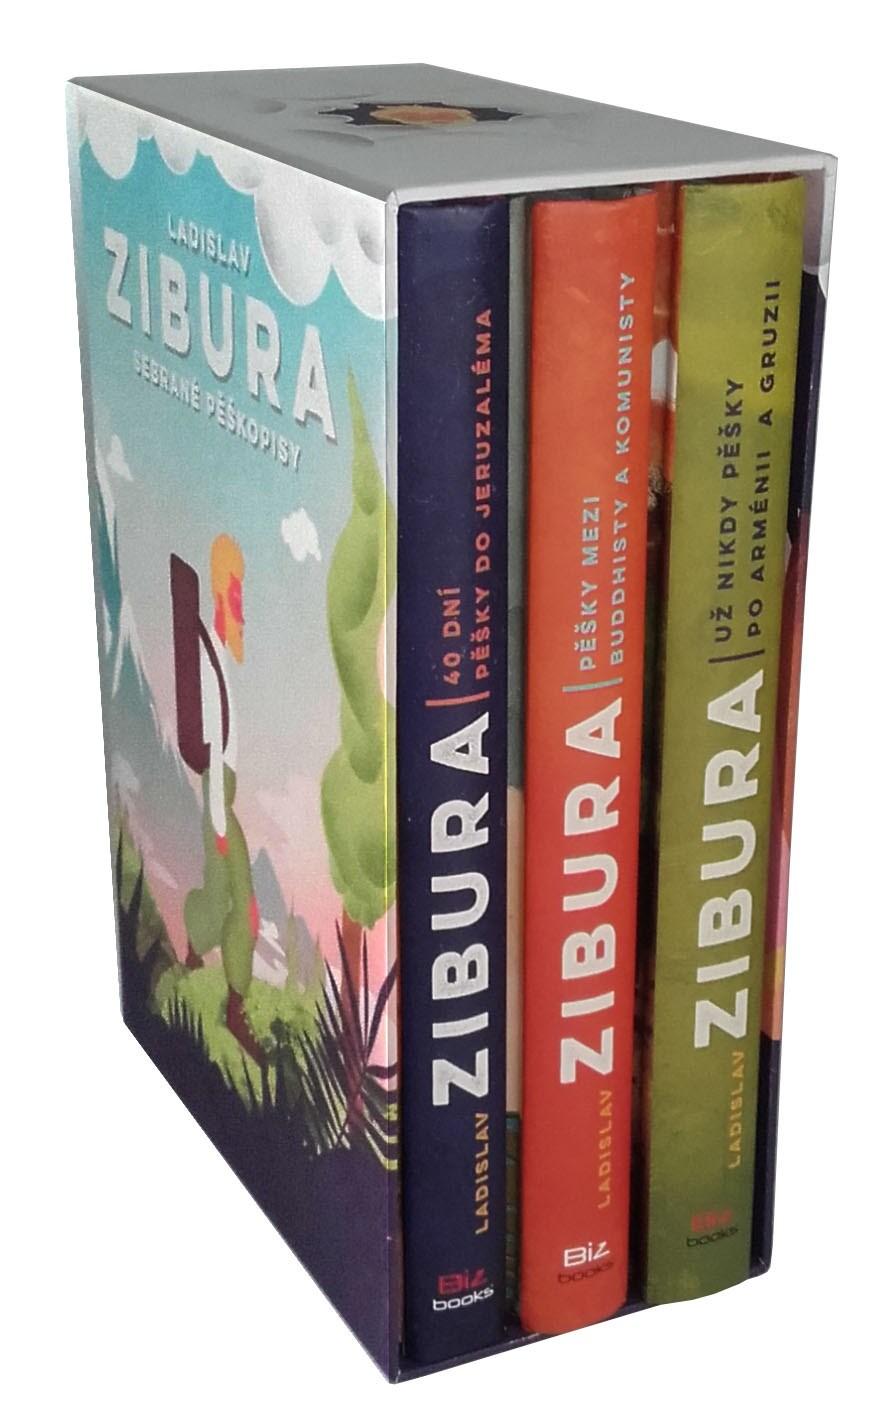 Ladislav Zibura: Sebrané pěškopisy (trojbox)